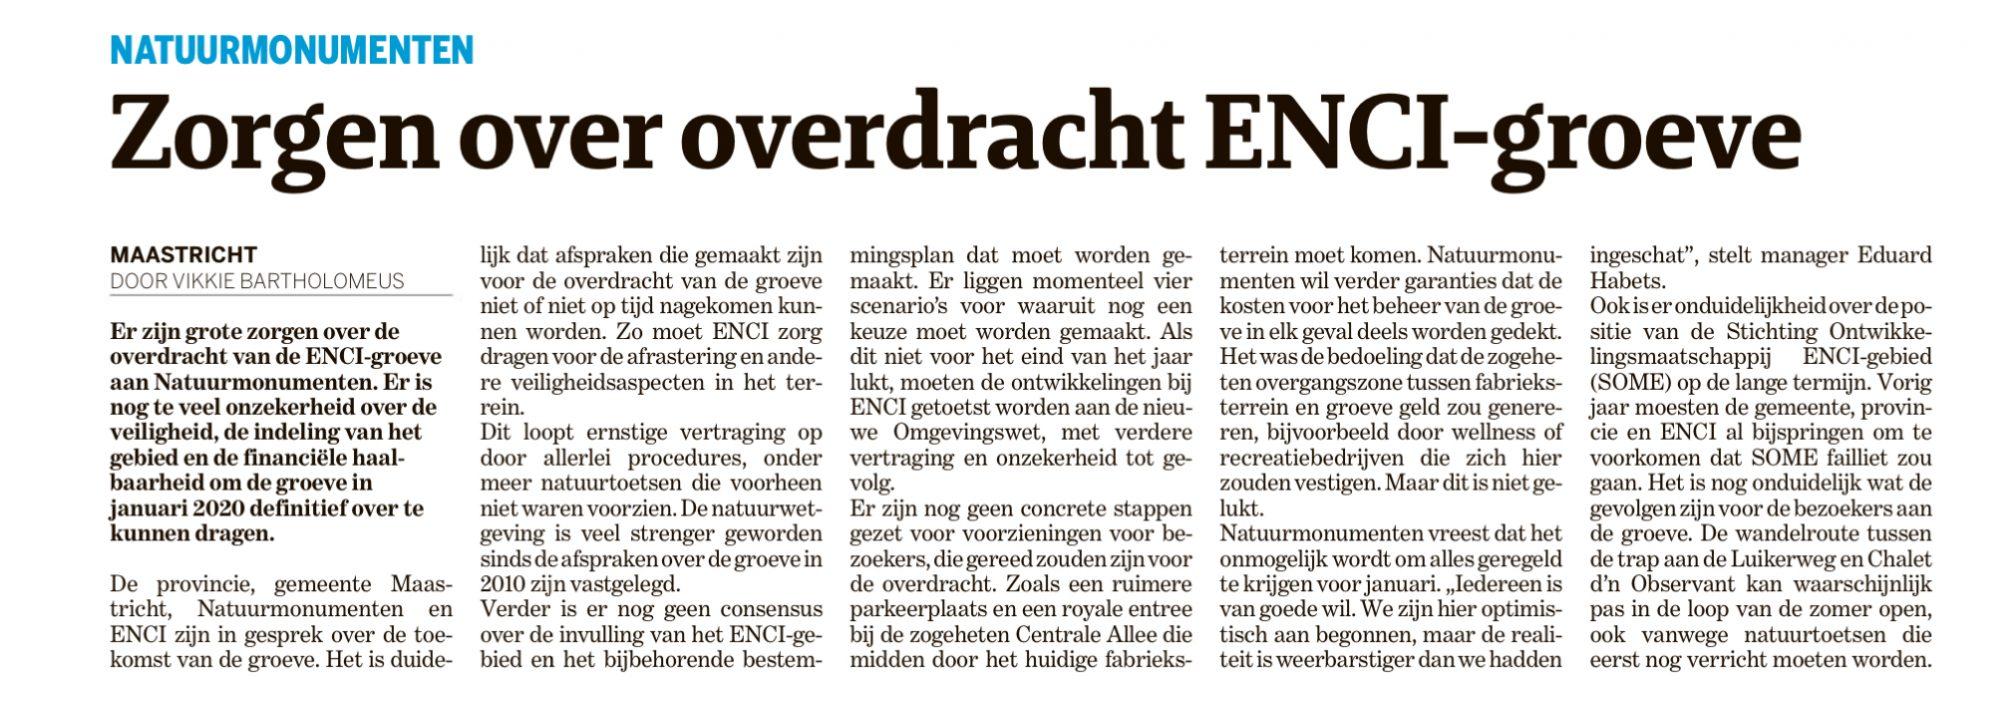 https://maastricht.pvda.nl/nieuws/pvda-wil-duidelijkheid-over-enci/